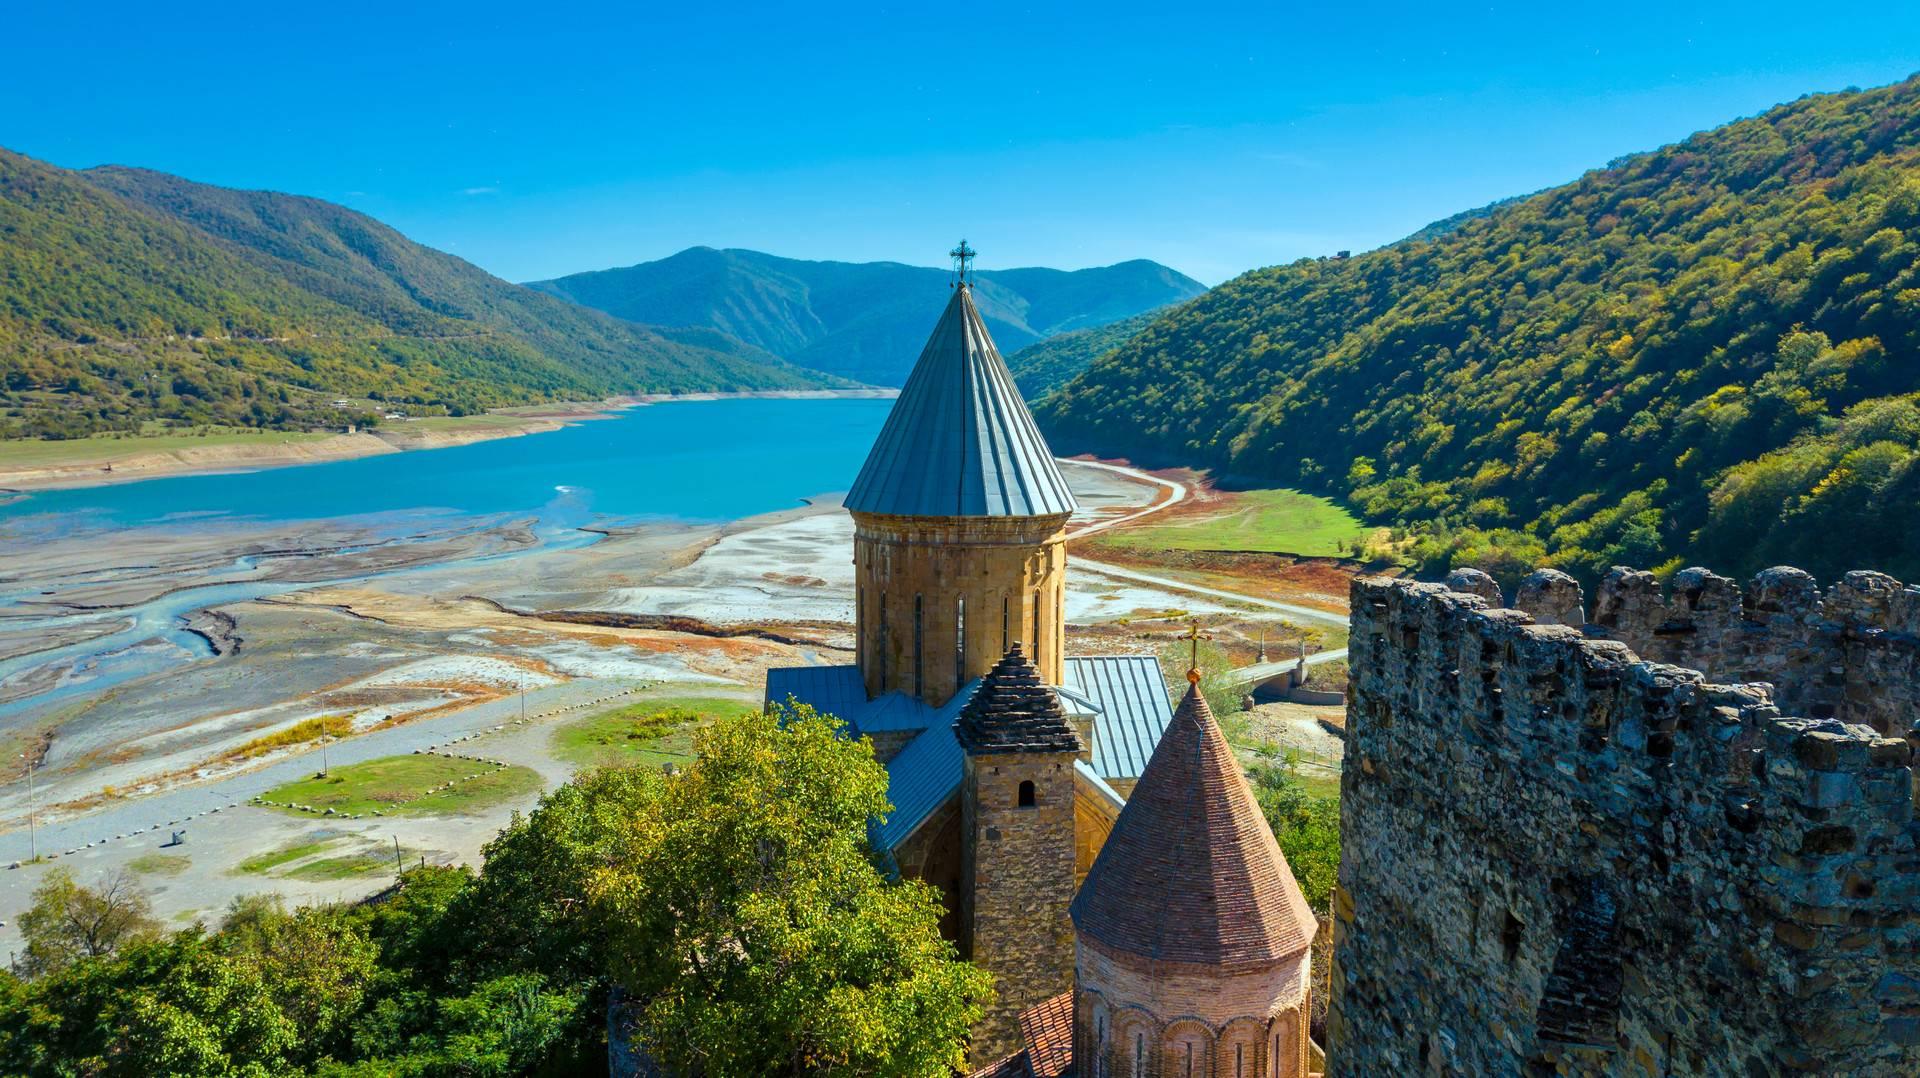 【高加索三国】阿塞拜疆+格鲁吉亚+亚美尼亚11天9晚